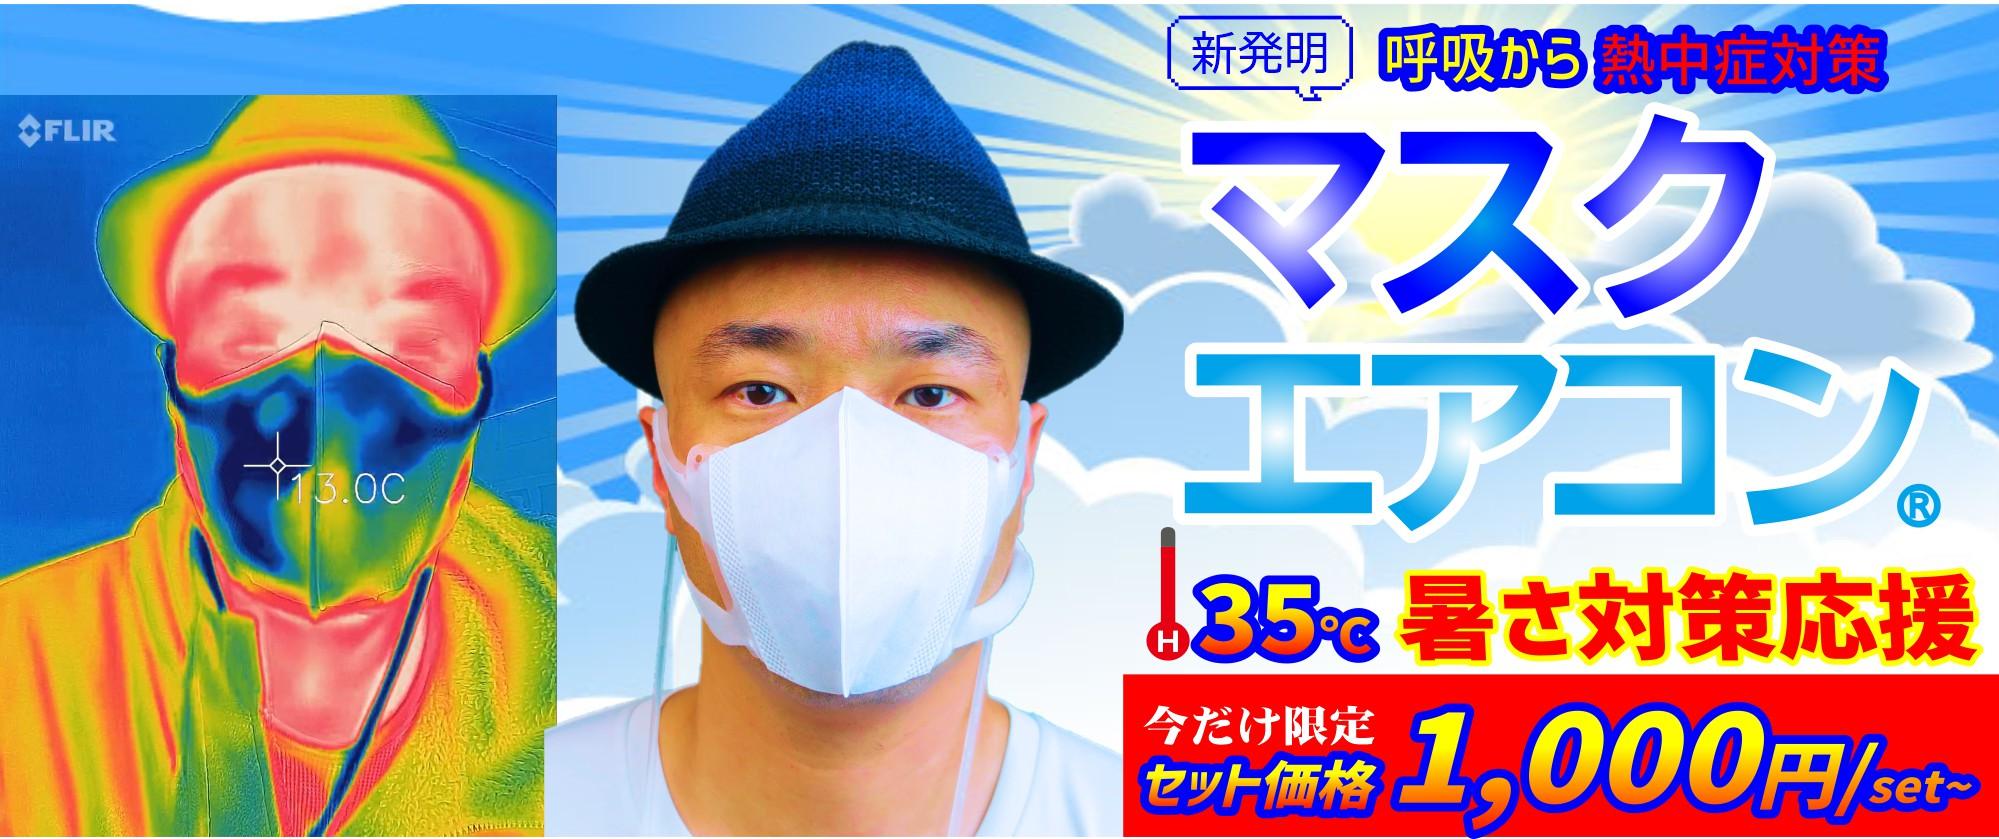 マスクエアコン1000円